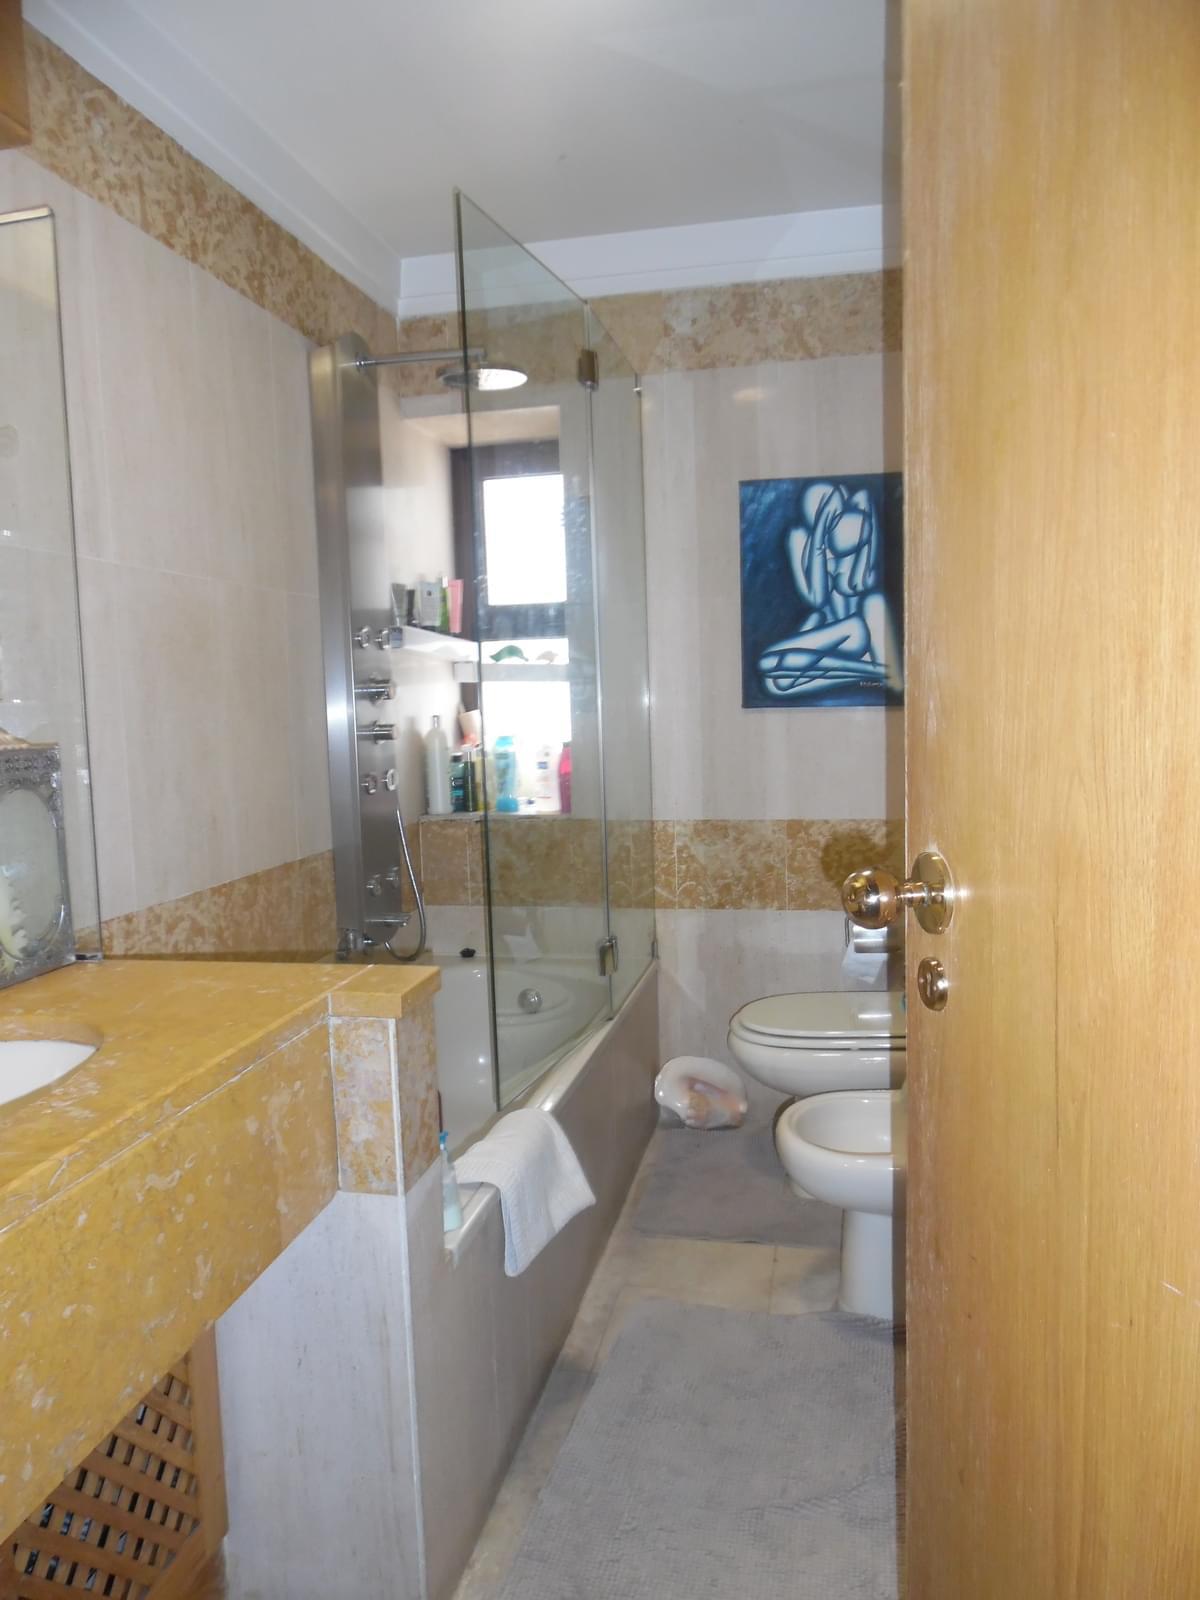 pf17977-apartamento-t2-lisboa-3c6d6b46-9d1e-4fba-8278-7fe498e46582